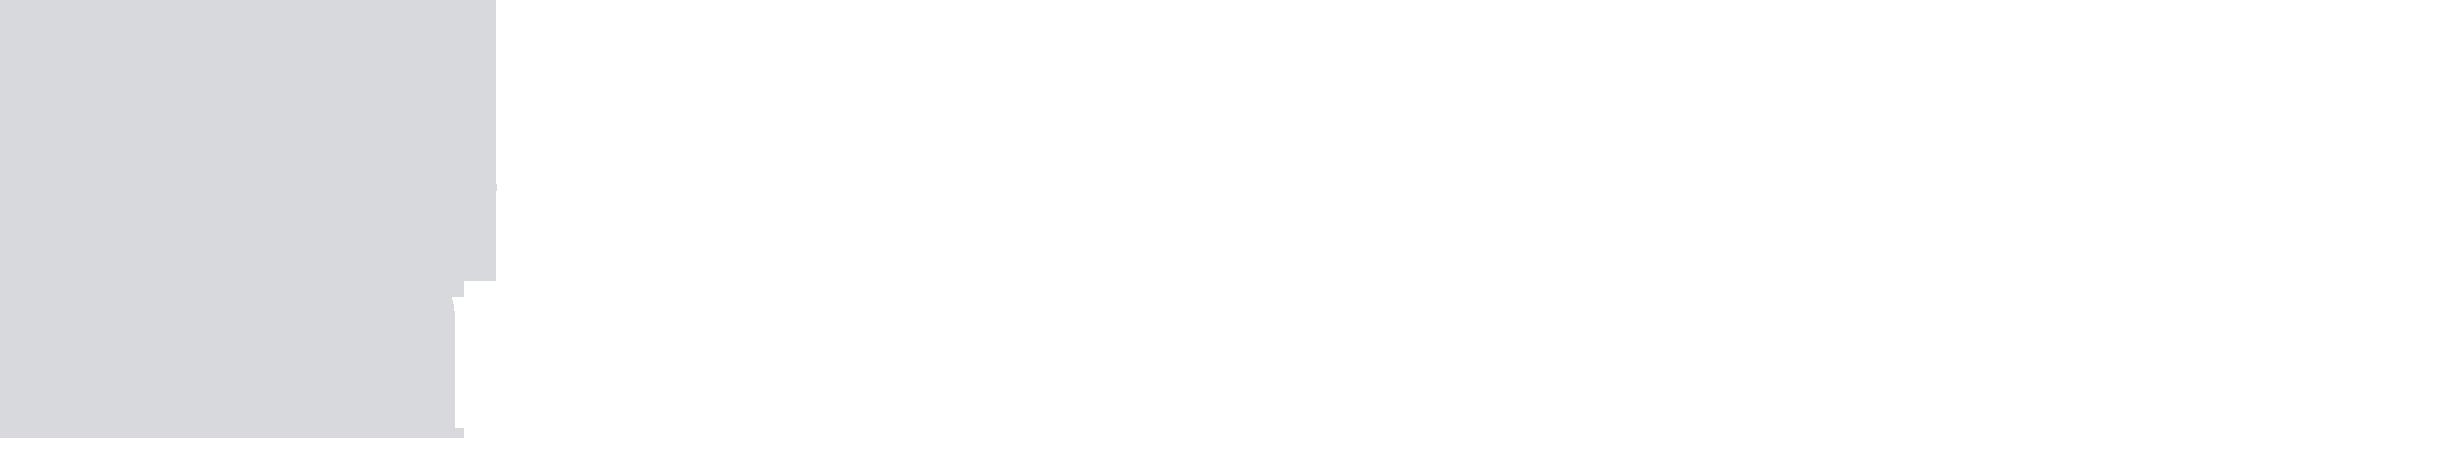 funus logo